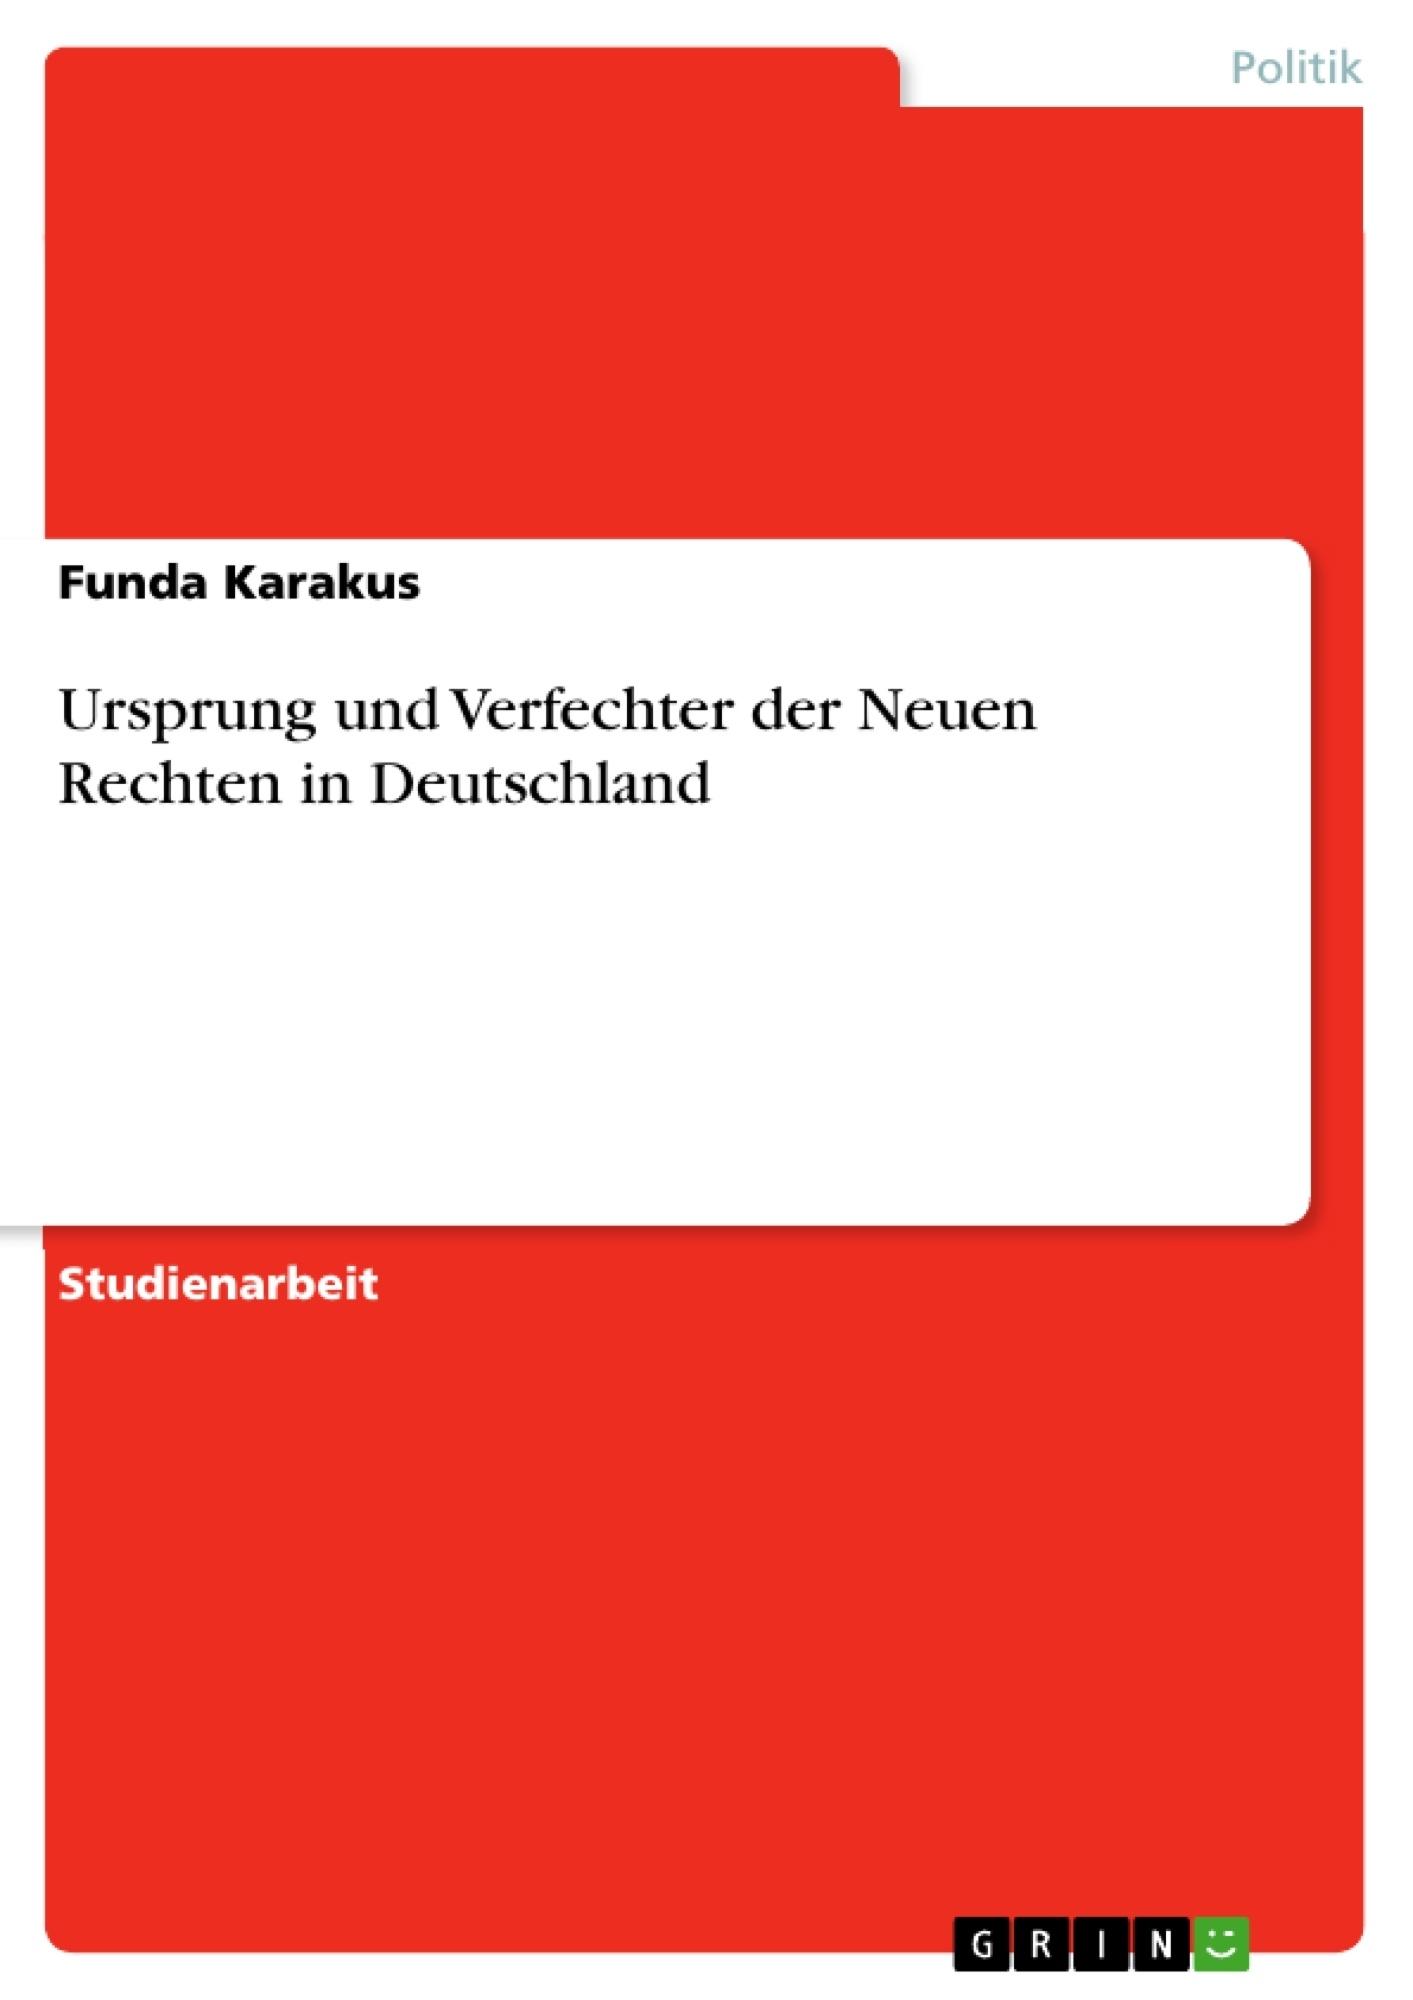 Titel: Ursprung und Verfechter der Neuen Rechten in Deutschland